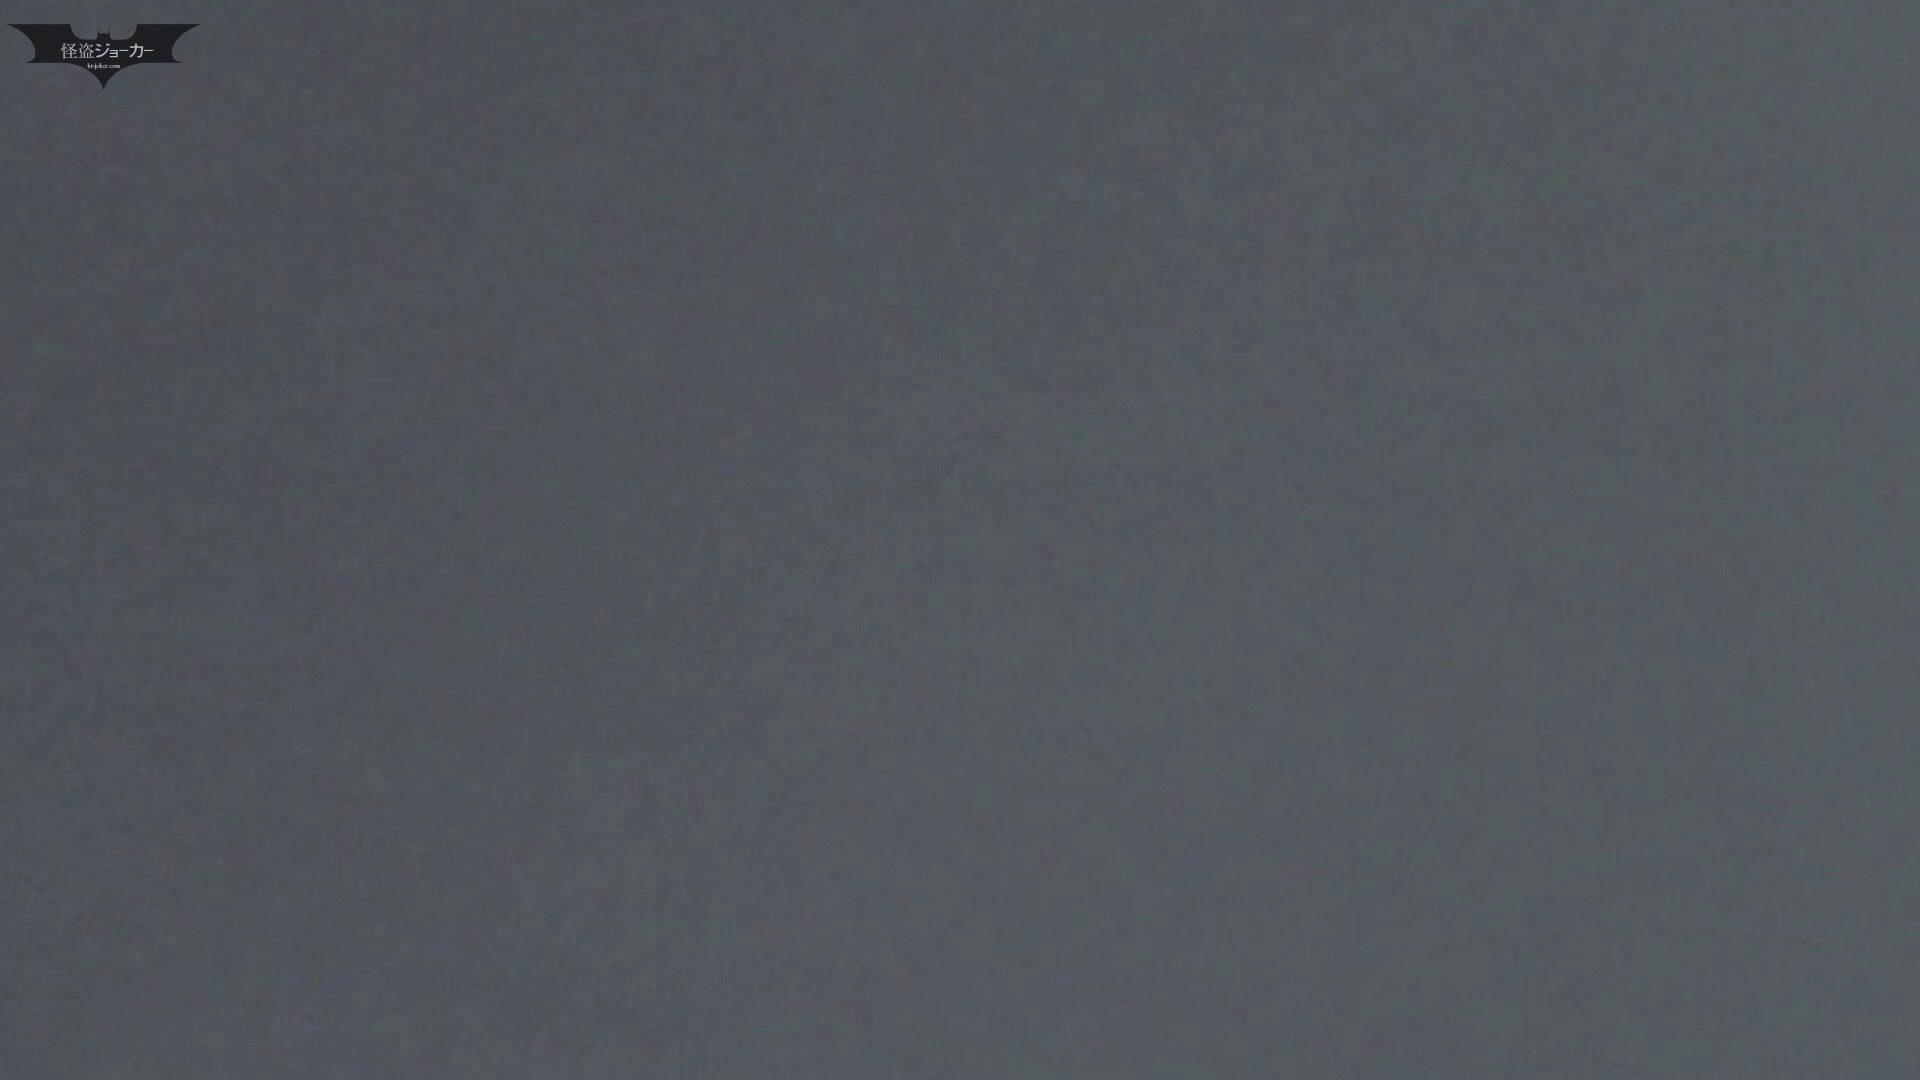 無修正エロ動画 なんだこれ!! Vol.03 凄っいです!大勢きちゃいました。 怪盗ジョーカー